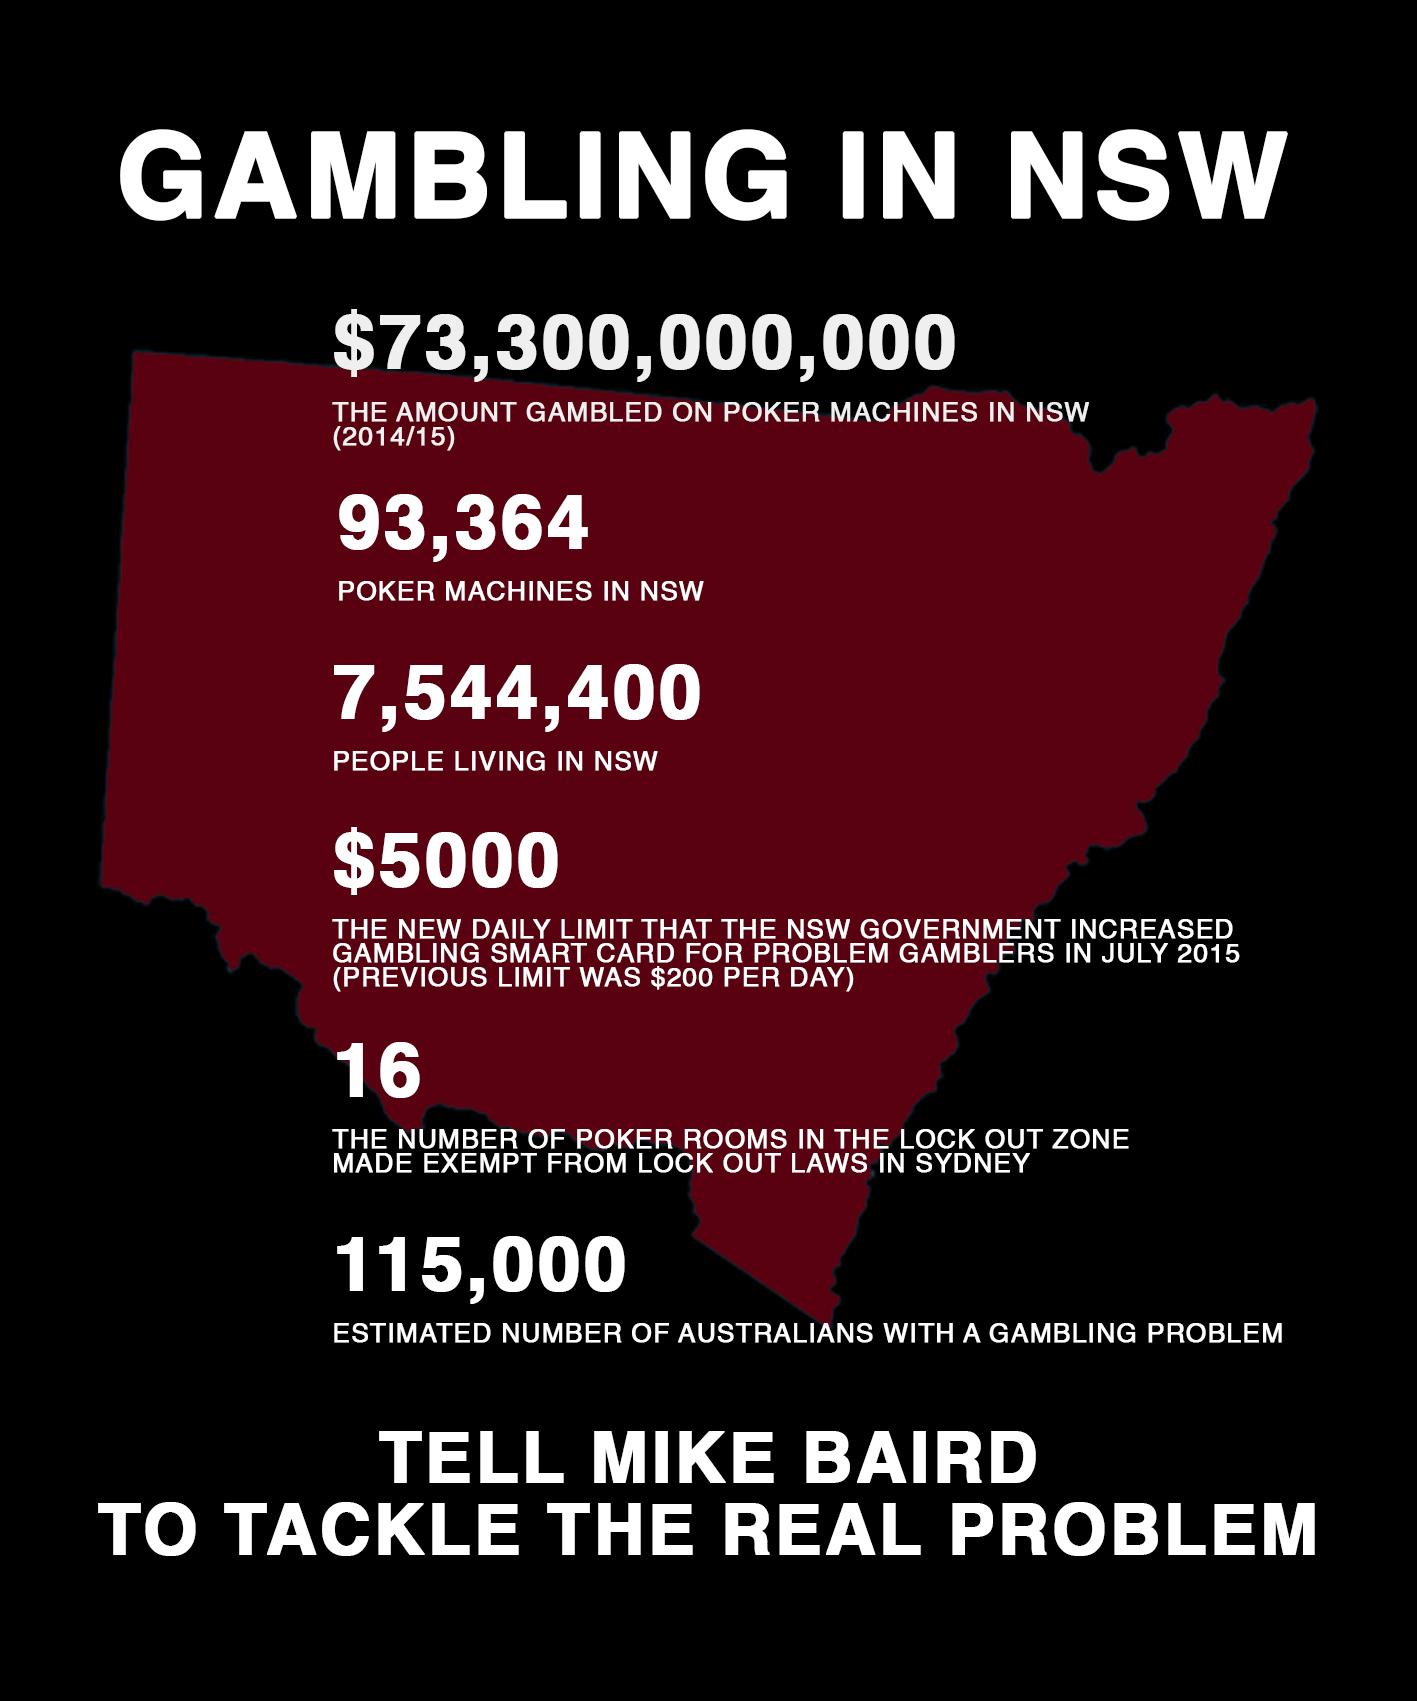 Gambling in NSW